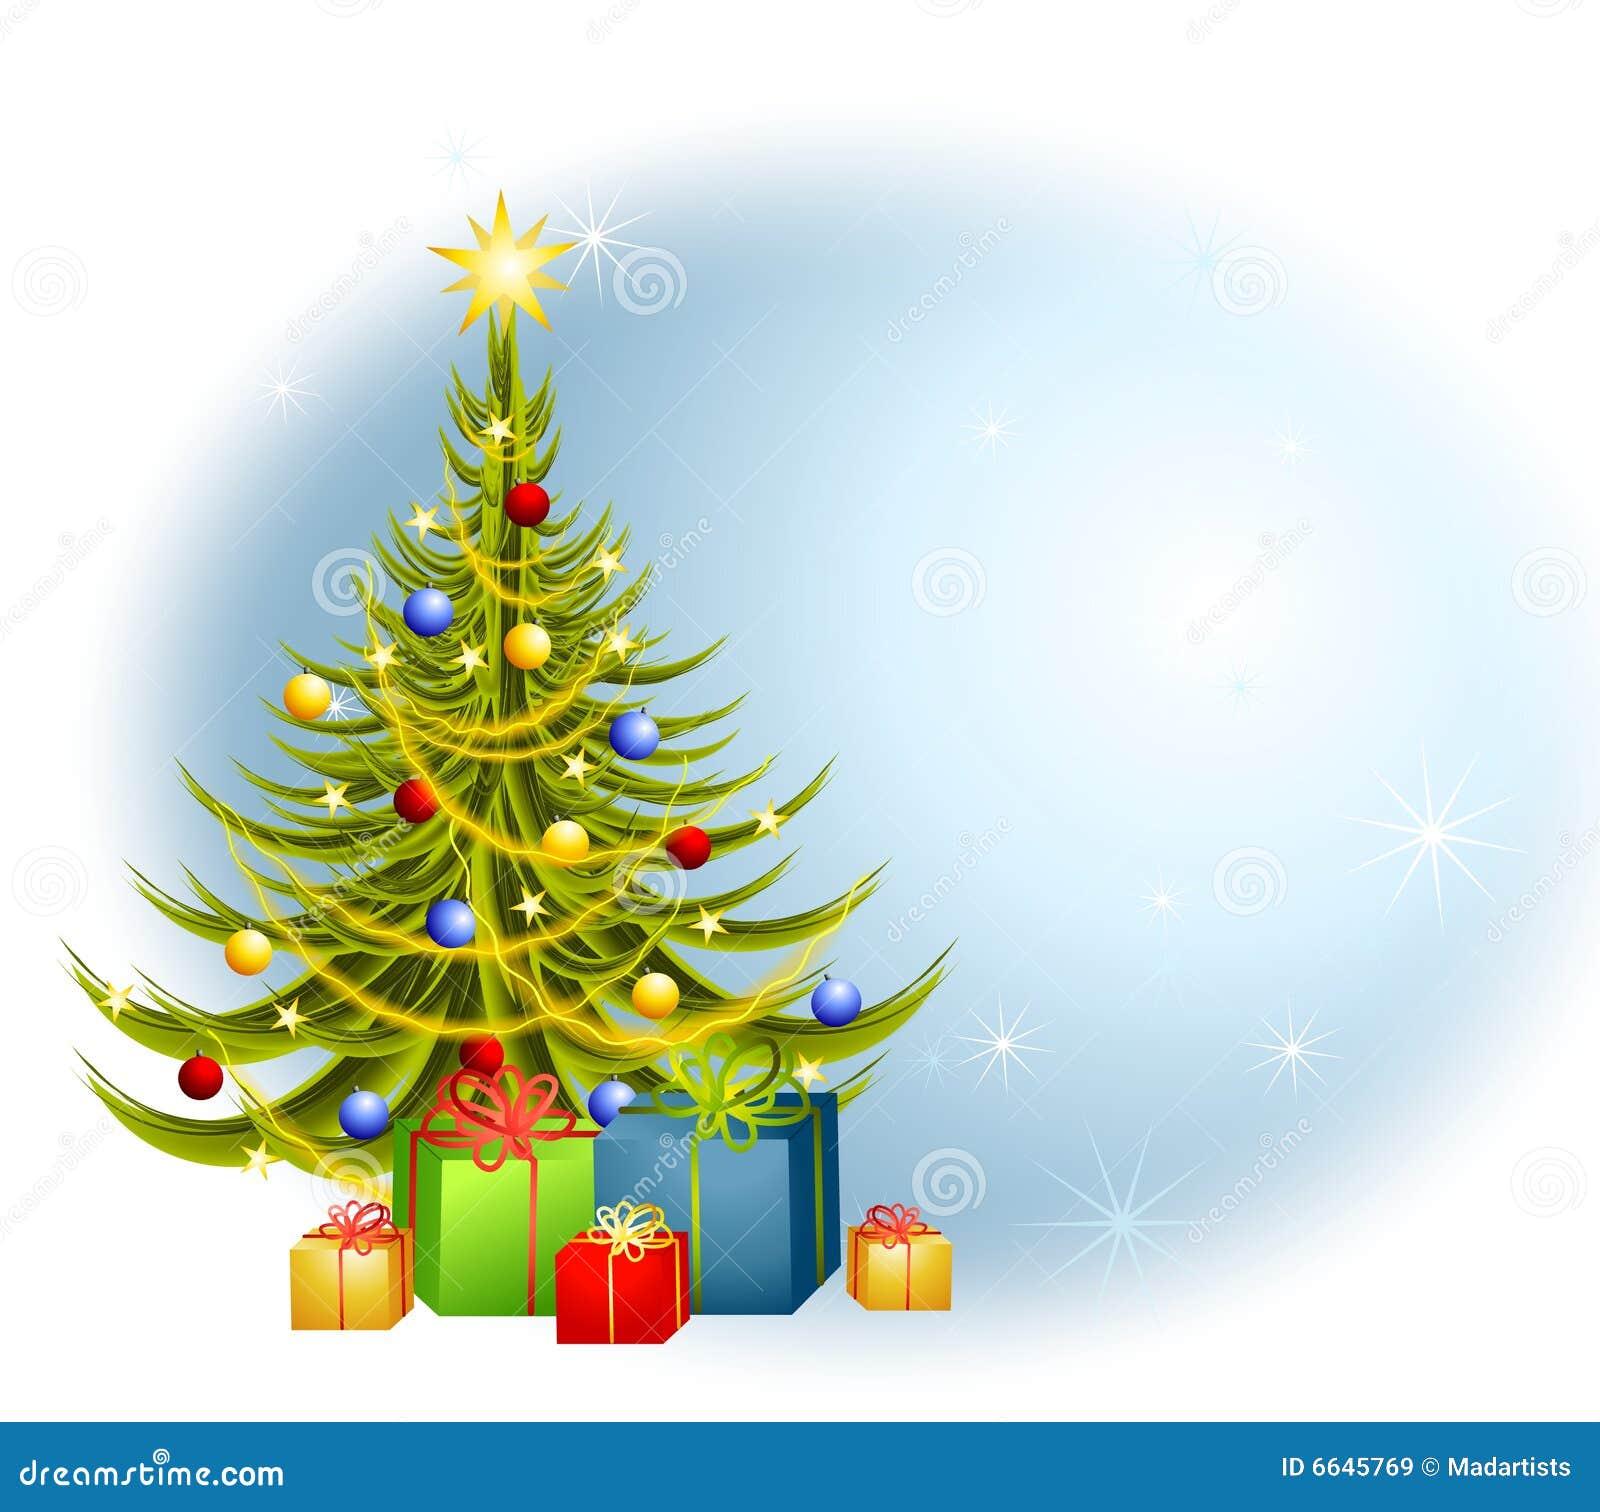 weihnachtsbaum geschenk hintergrund stock abbildung bild. Black Bedroom Furniture Sets. Home Design Ideas